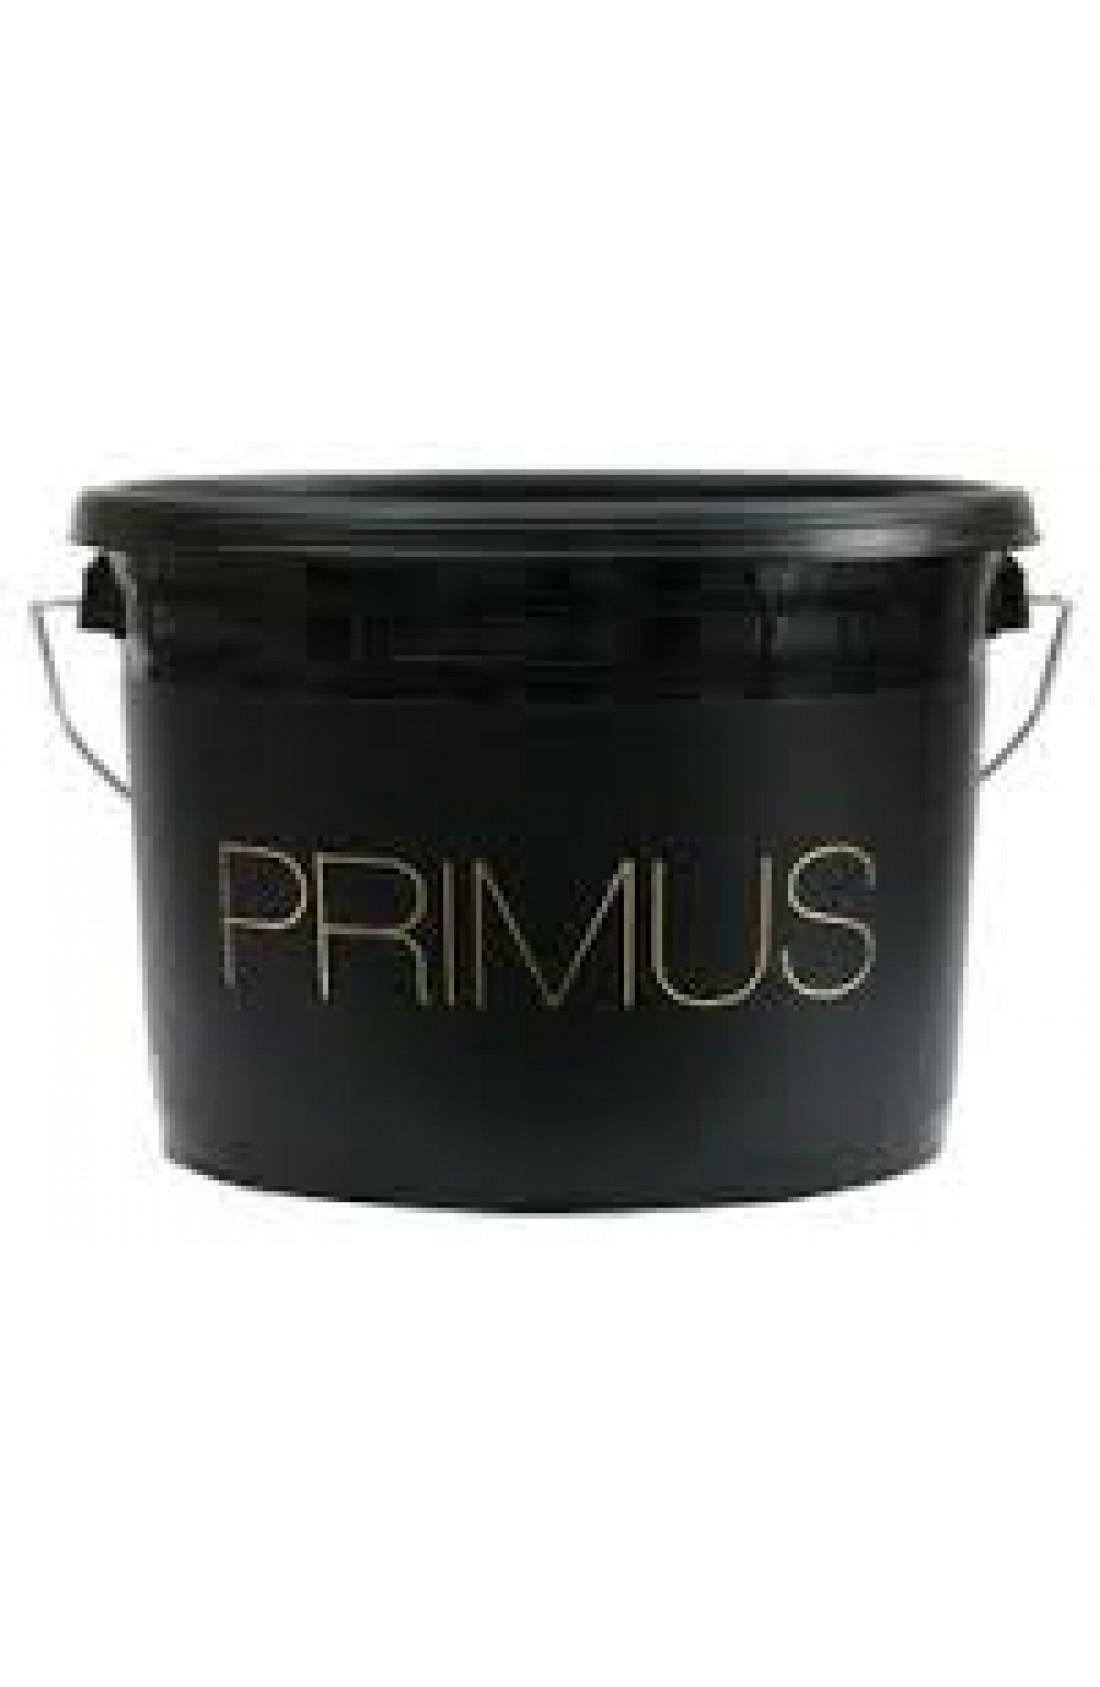 graesan graesan primus sabbia 2,5 lt fondo di preparazione per pitture decorative